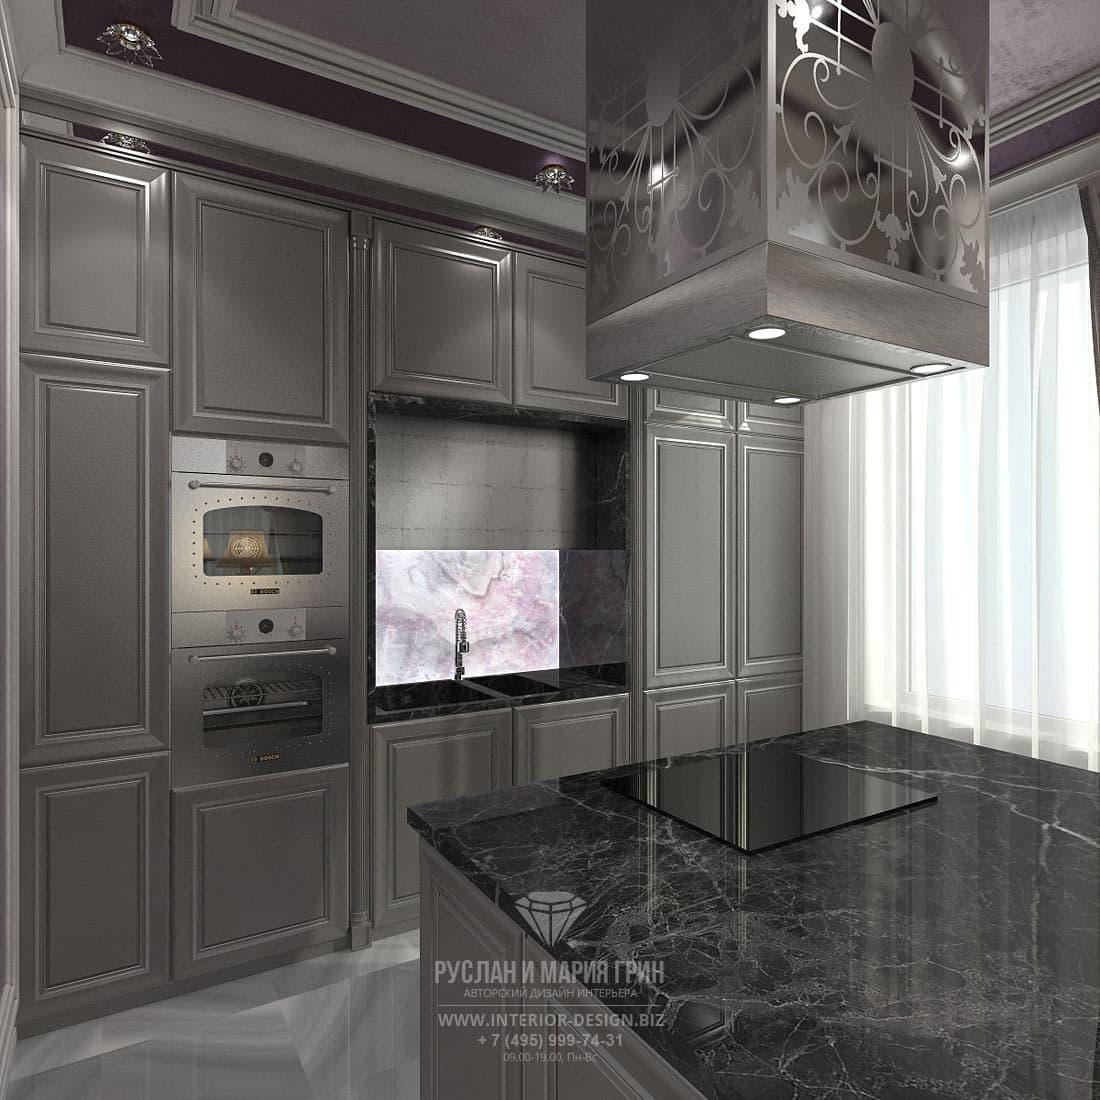 Кухня в серых тонах в трехкомнатной квартире